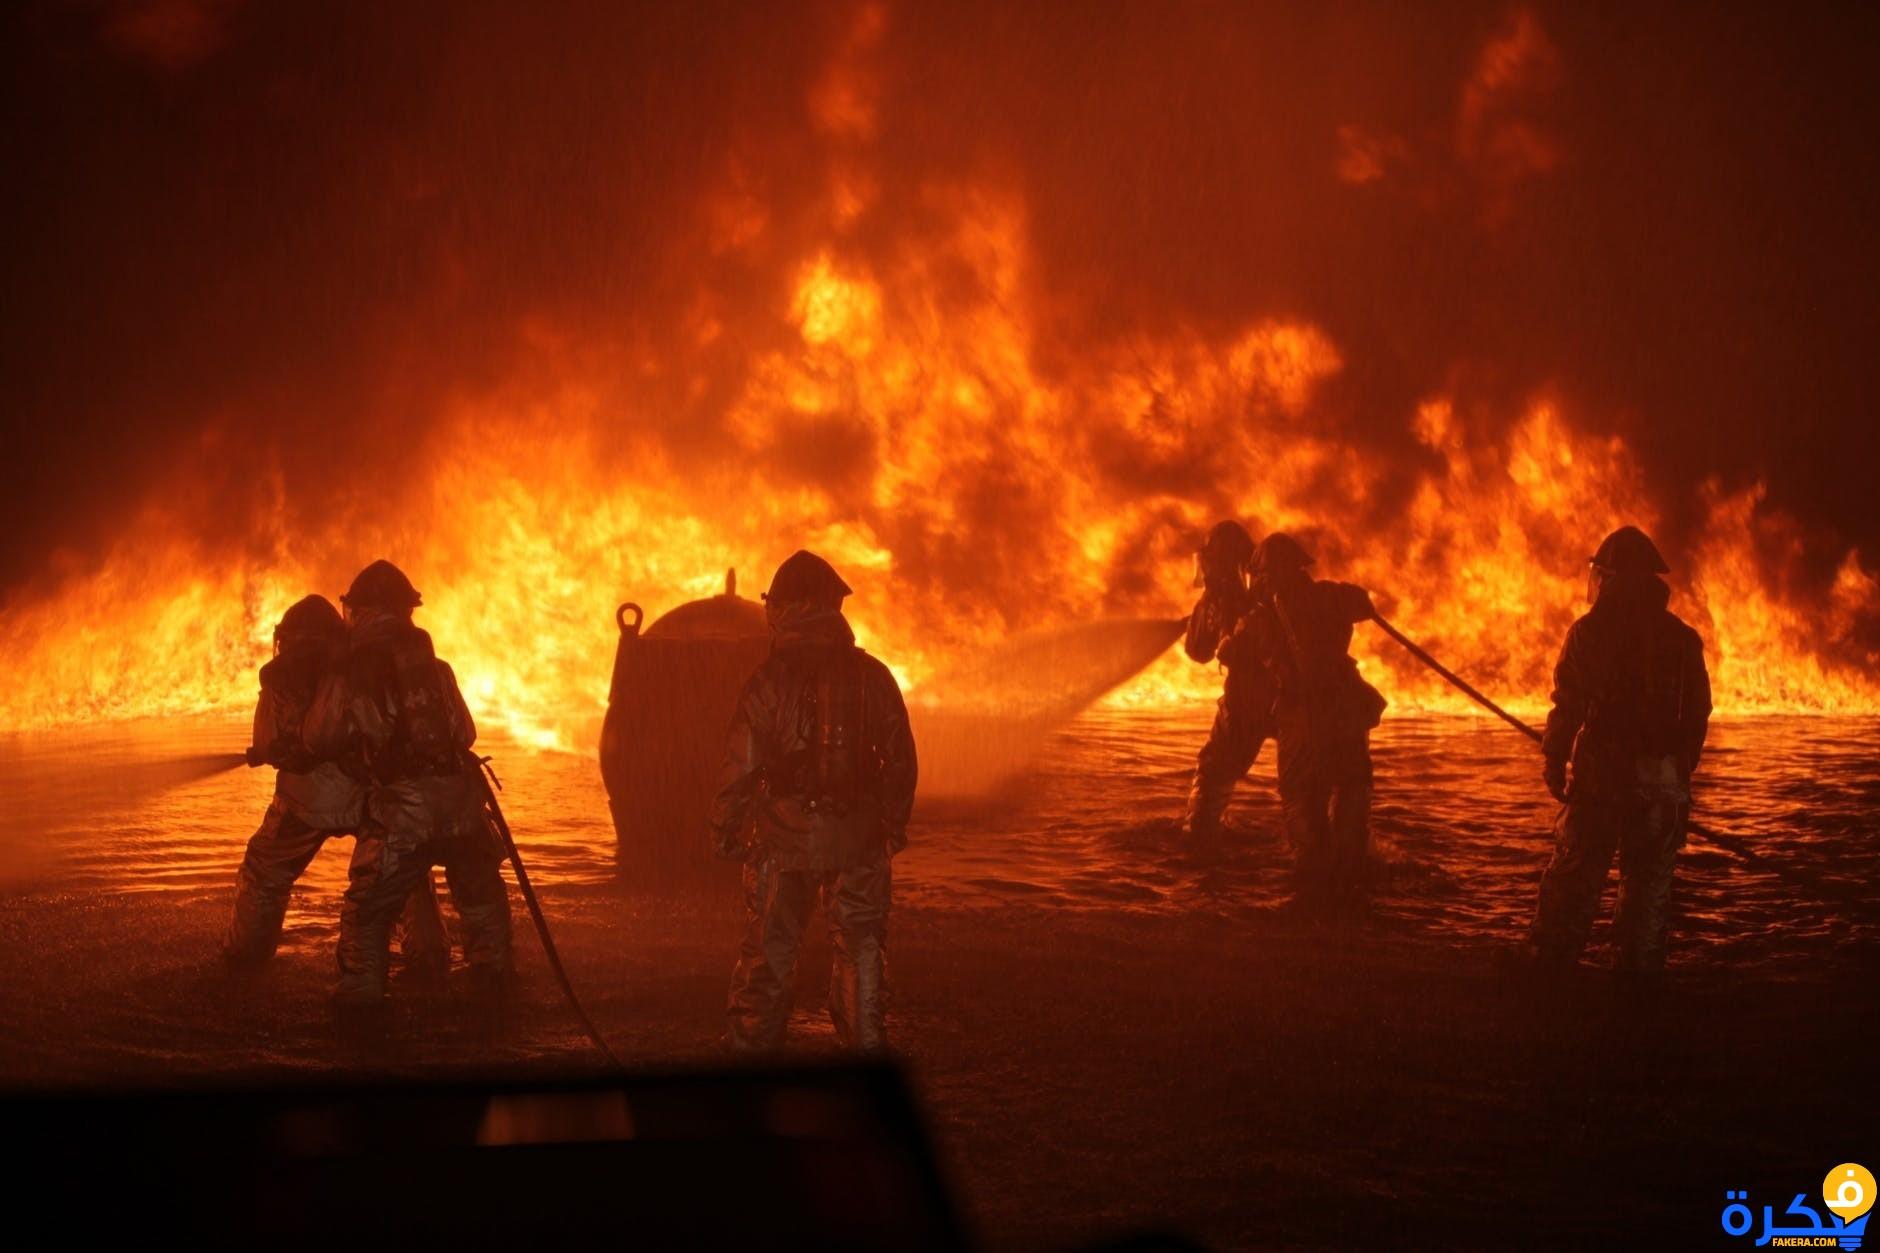 صورة حريقه في المنام الله يرزقه الفردوس اللي يفسره , تفسير حلم النار في المنام